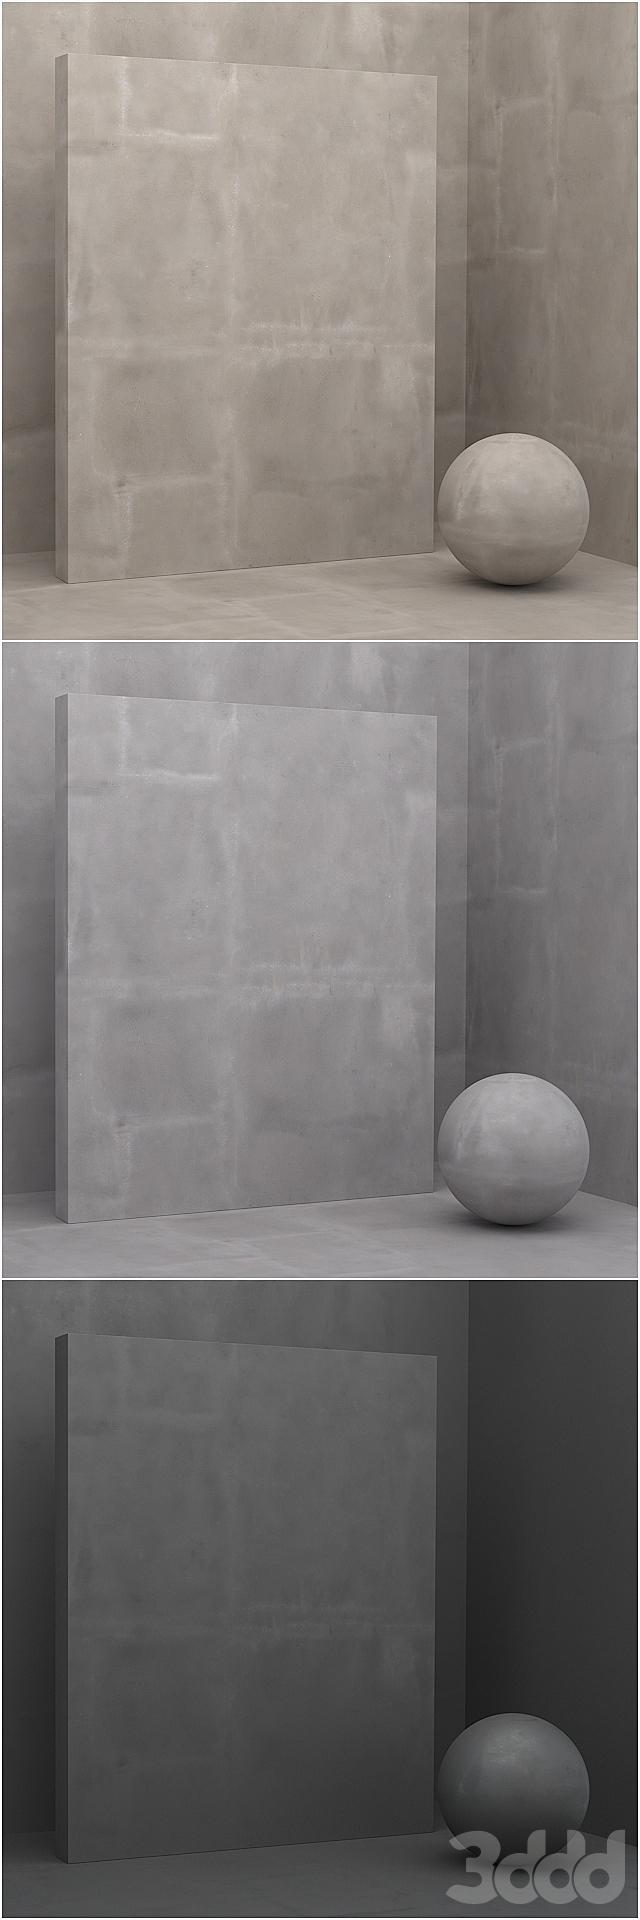 9 материалов (бесшовный) - камень, штукатурка - set 18